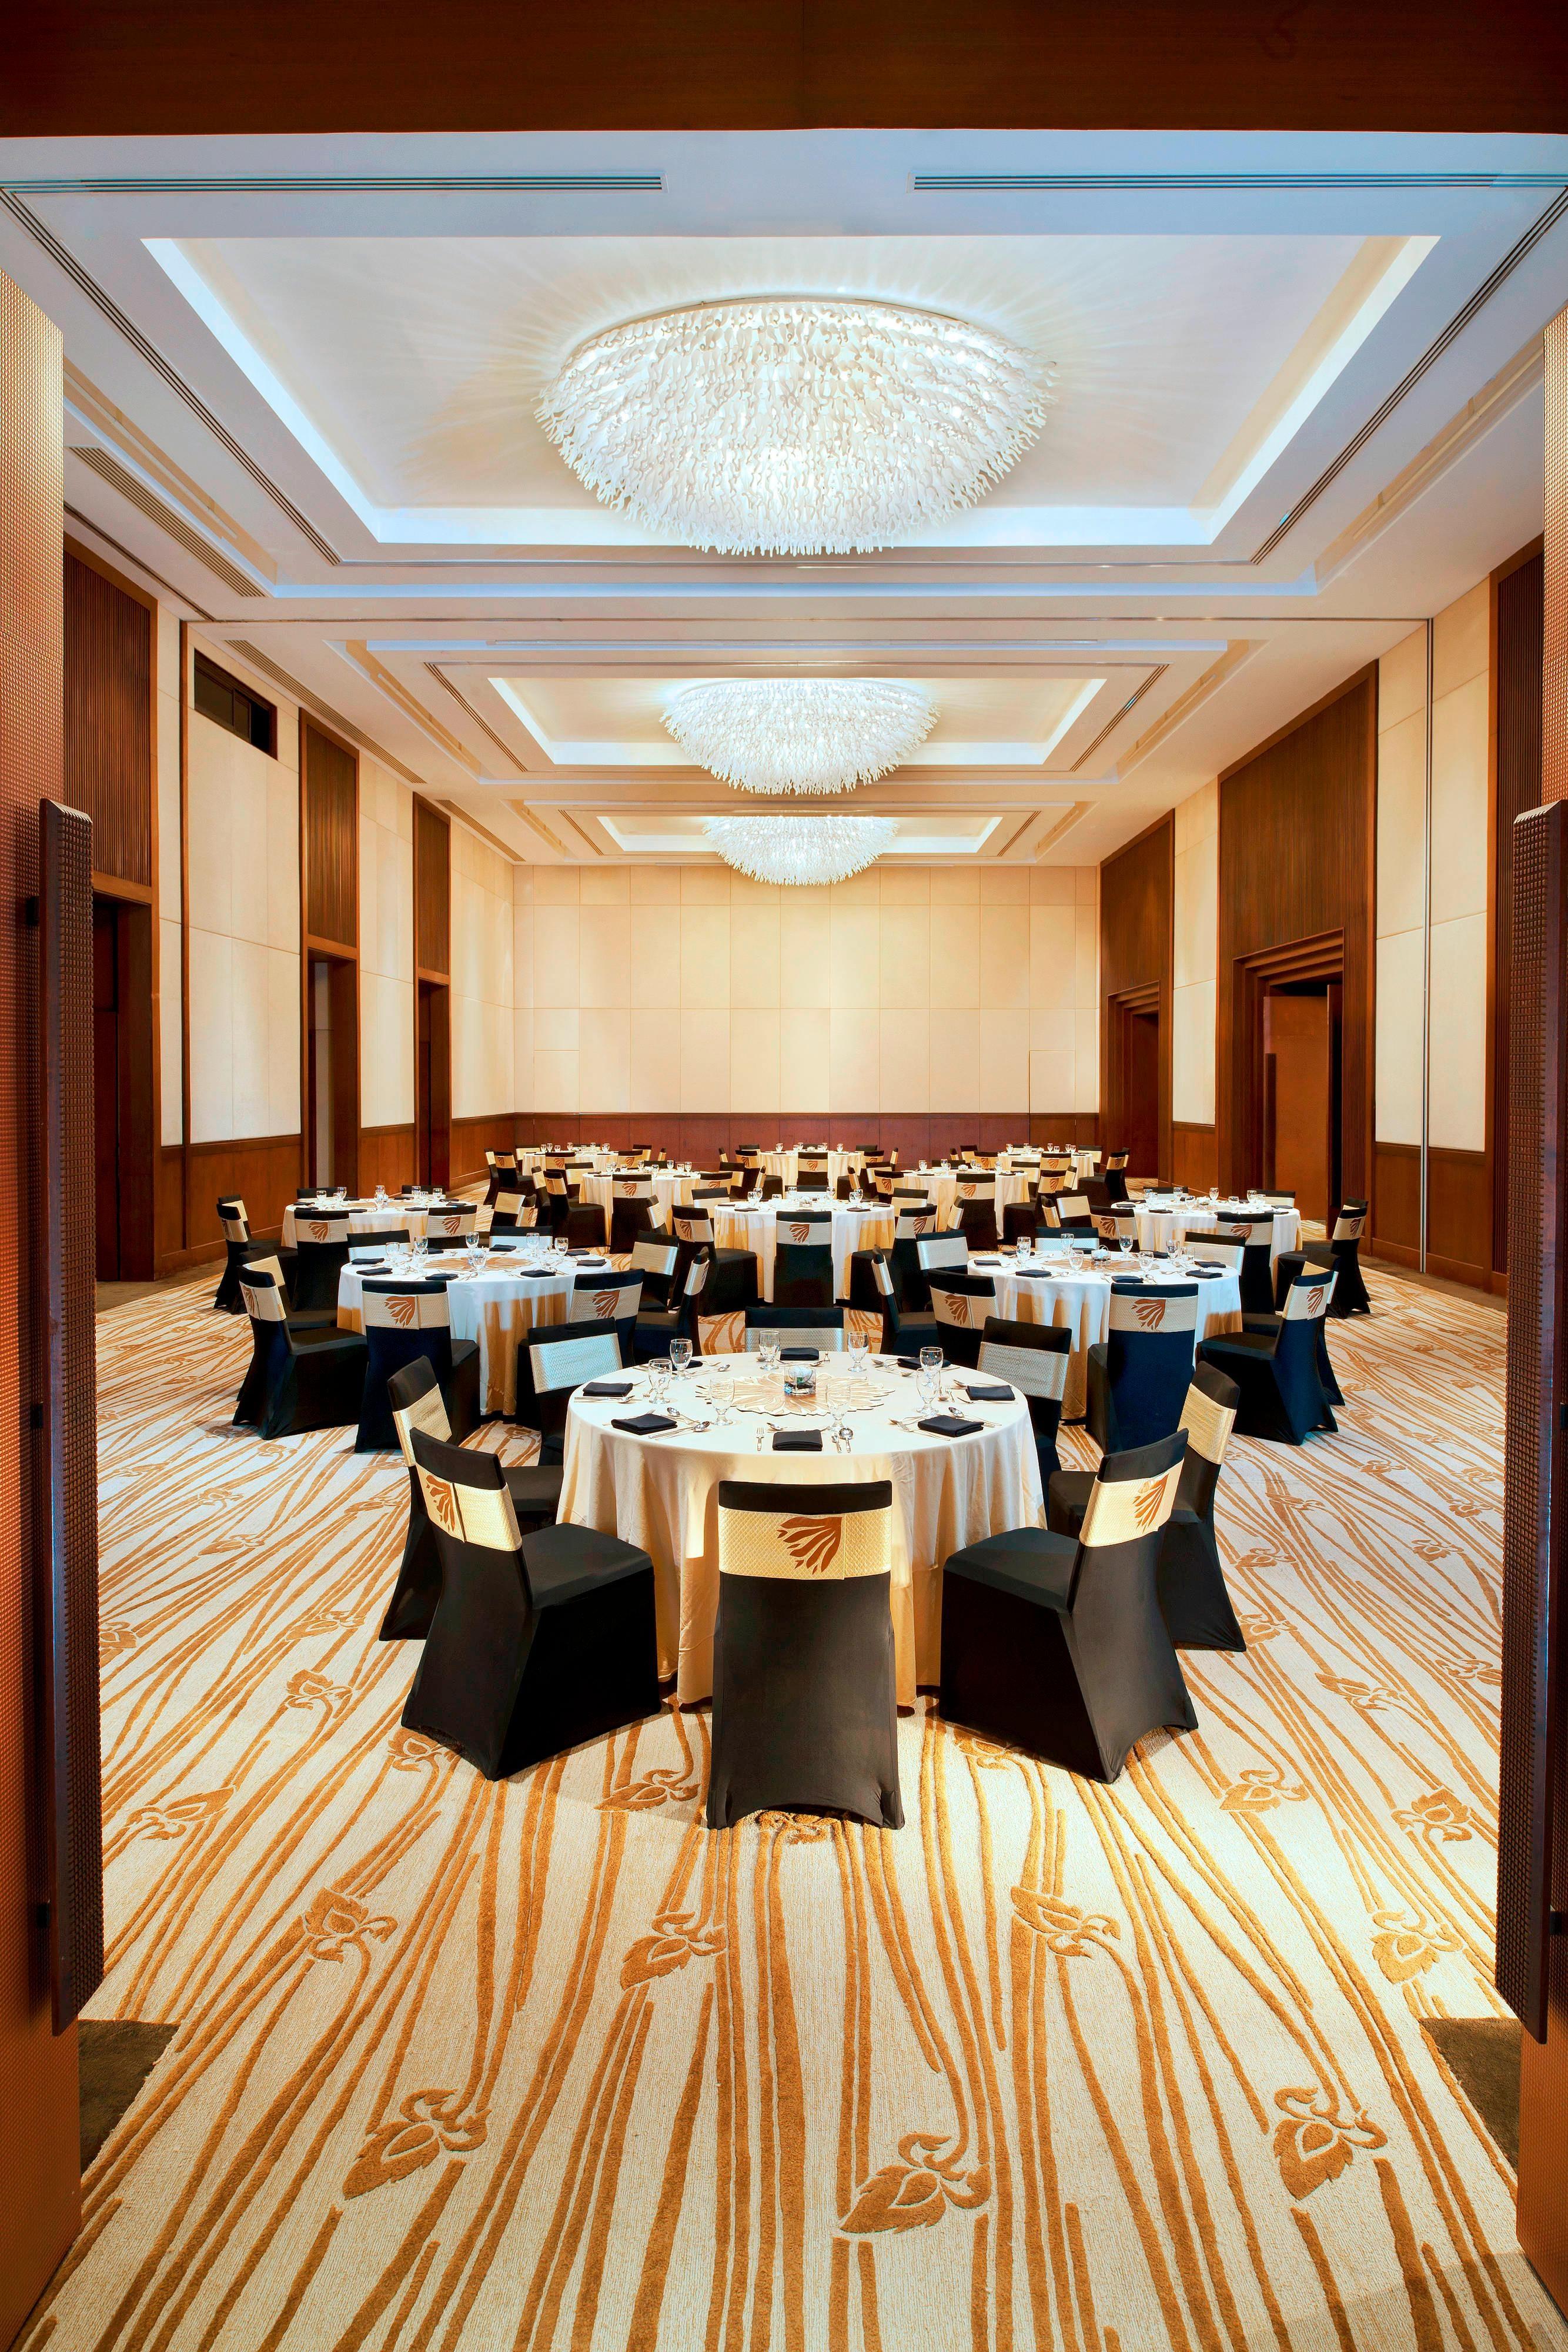 Ballroom Banquet up